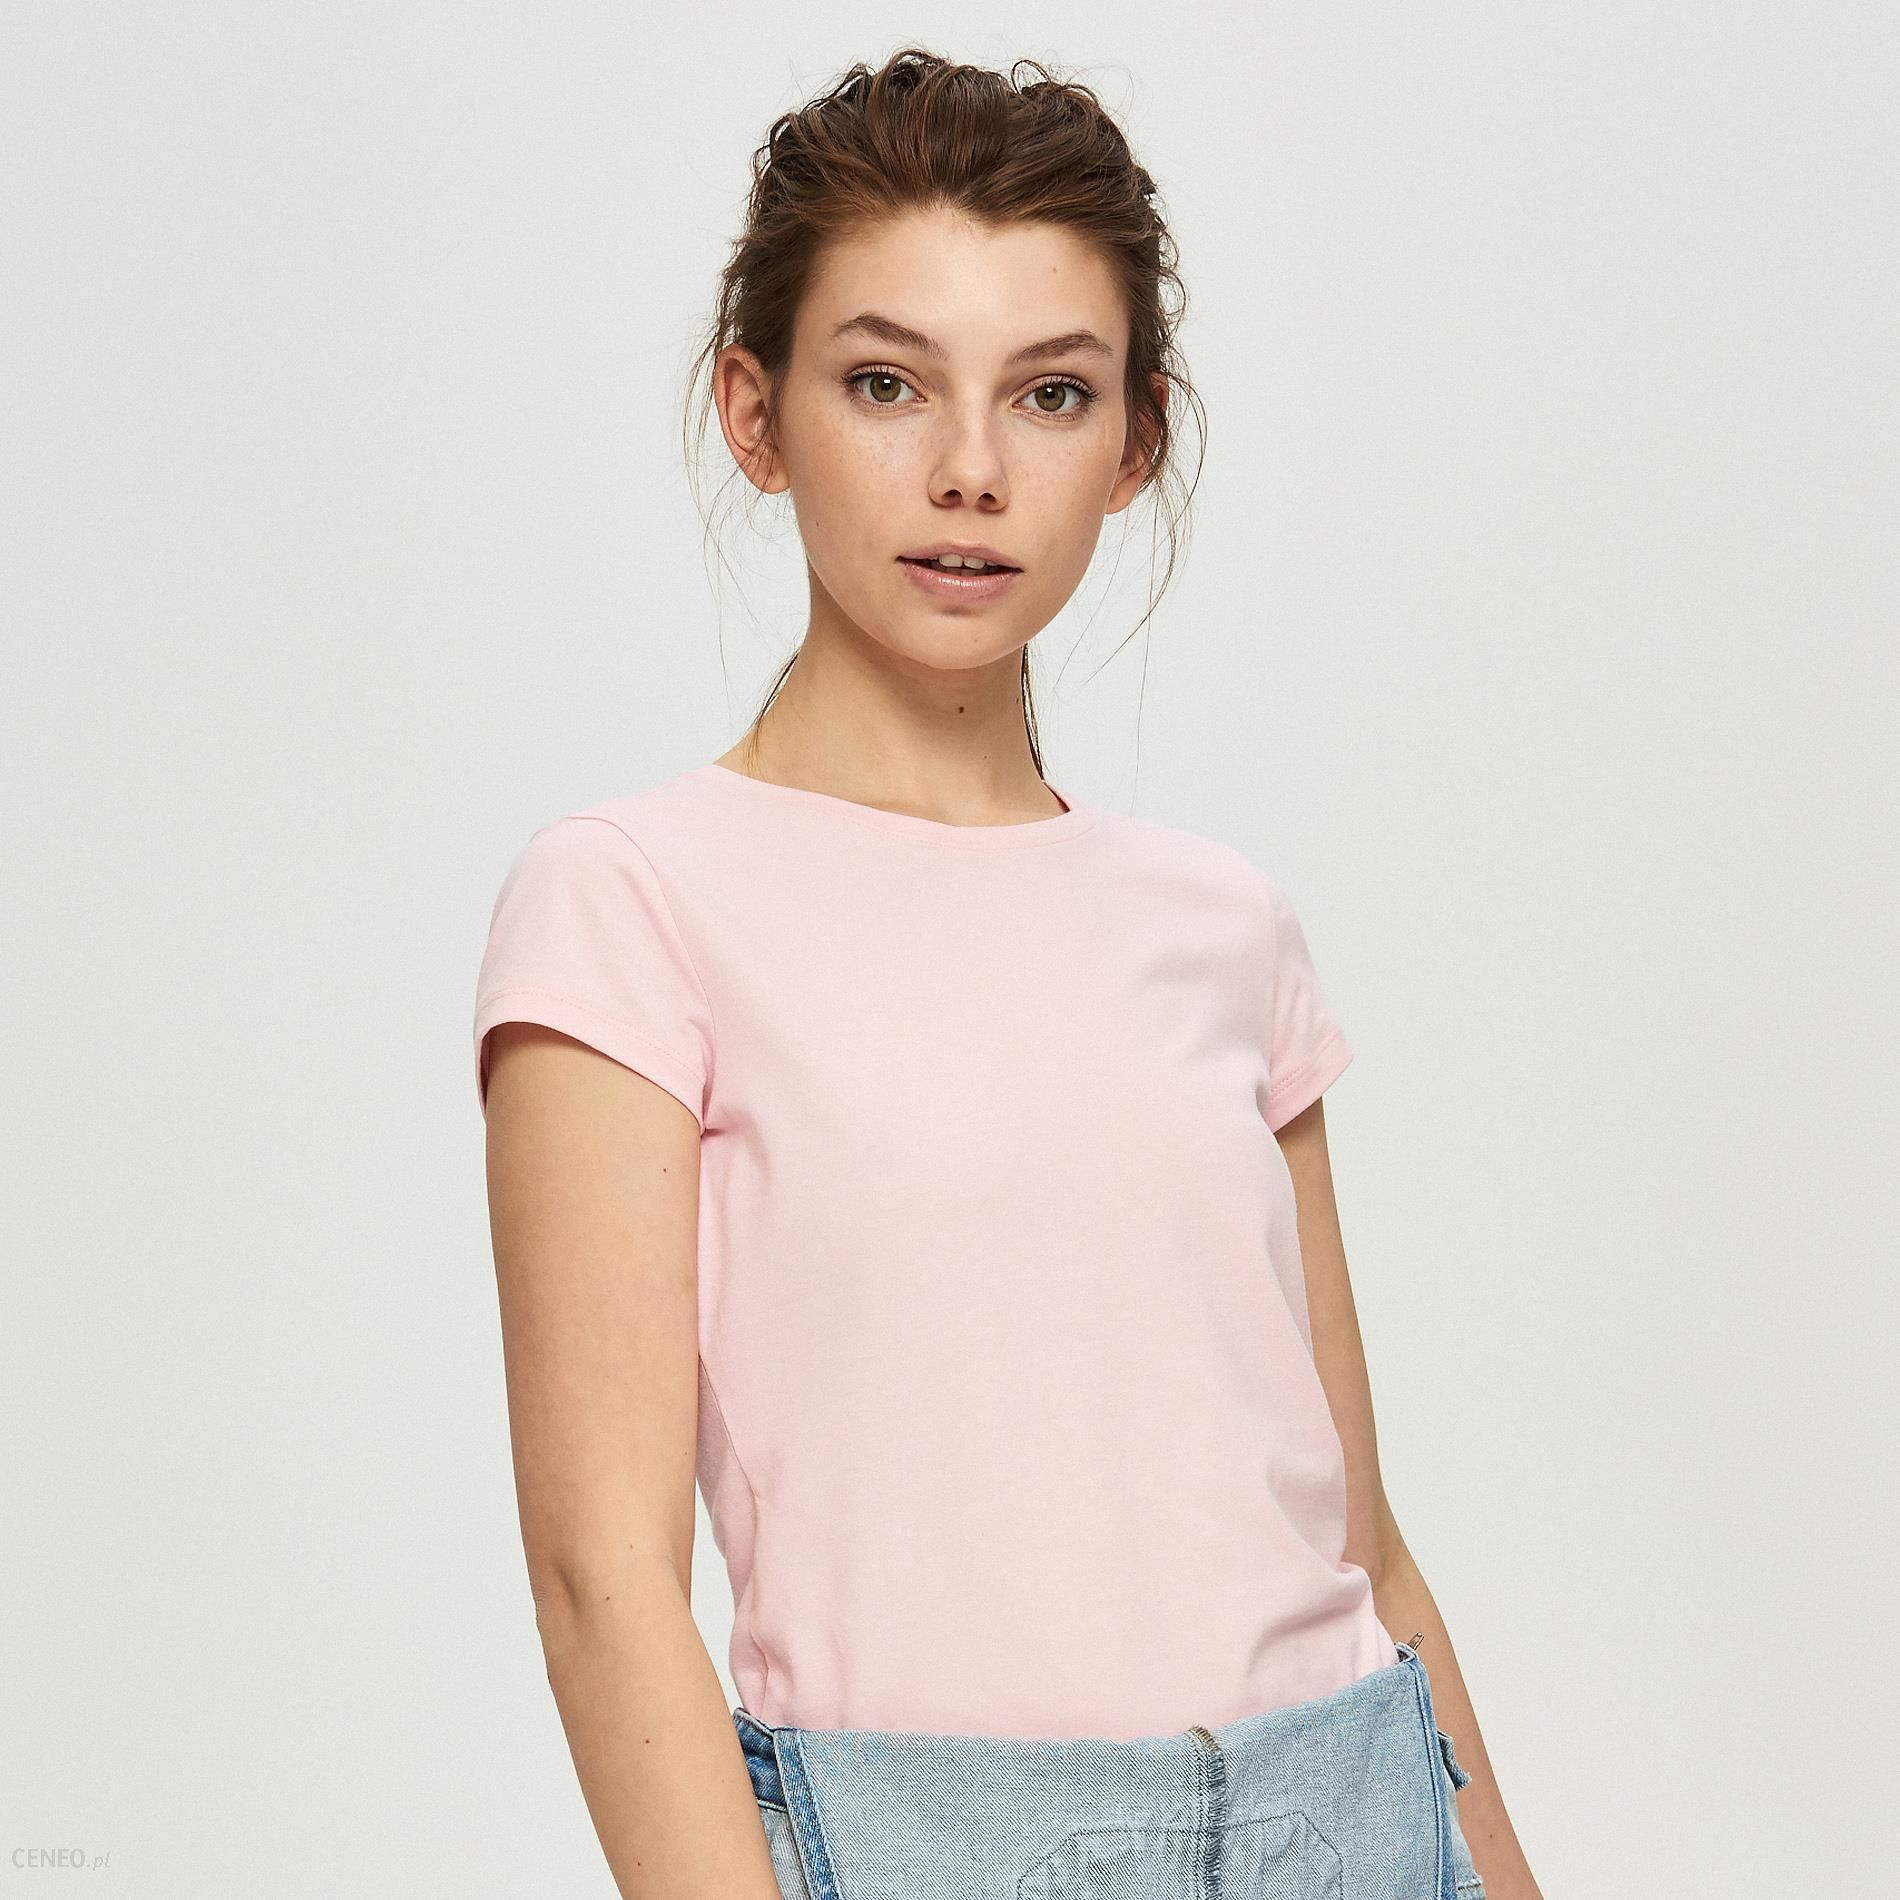 6a9531afd69d Sinsay - Gładki t-shirt - Różowy - Ceny i opinie - Ceneo.pl